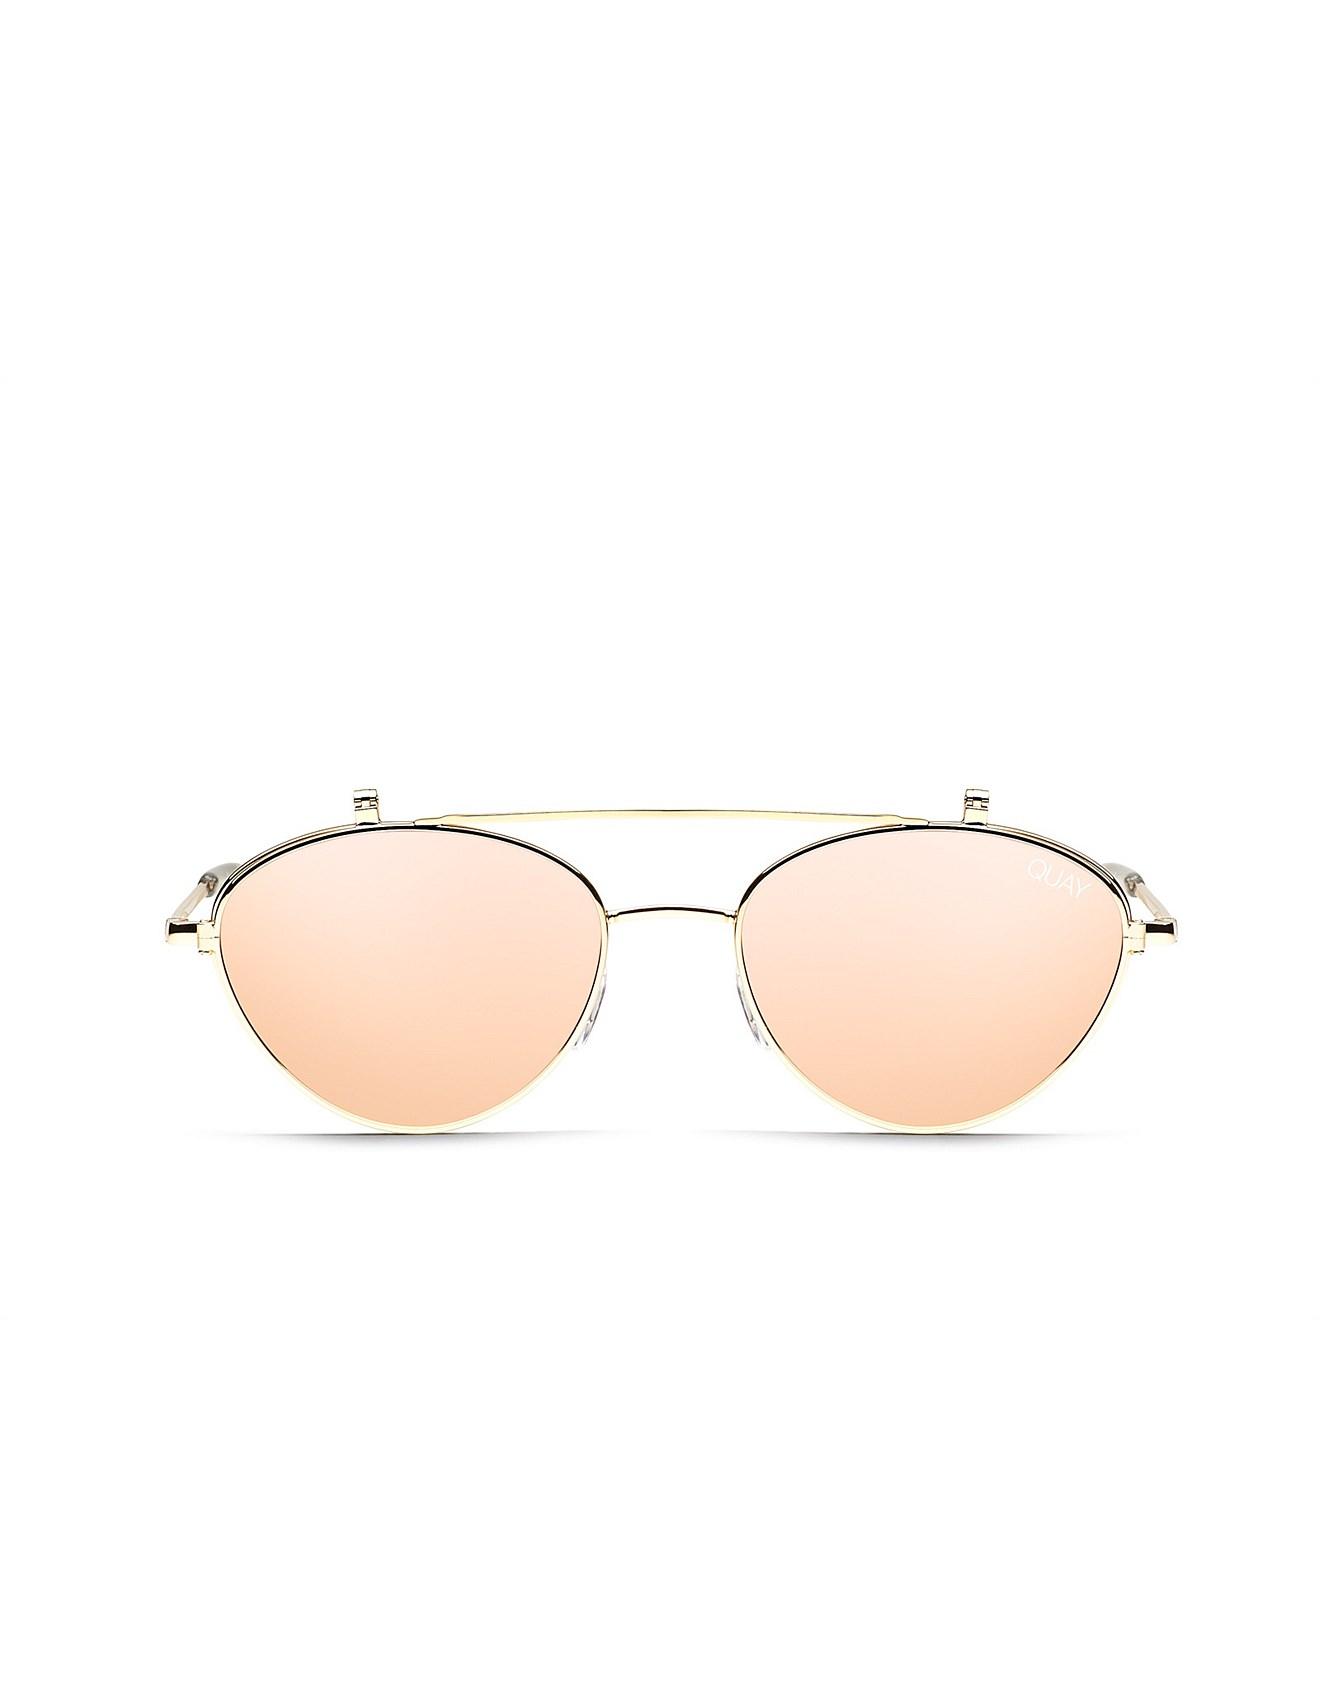 5a4755d19b Sunglasses - Elle X Elle Ferguson